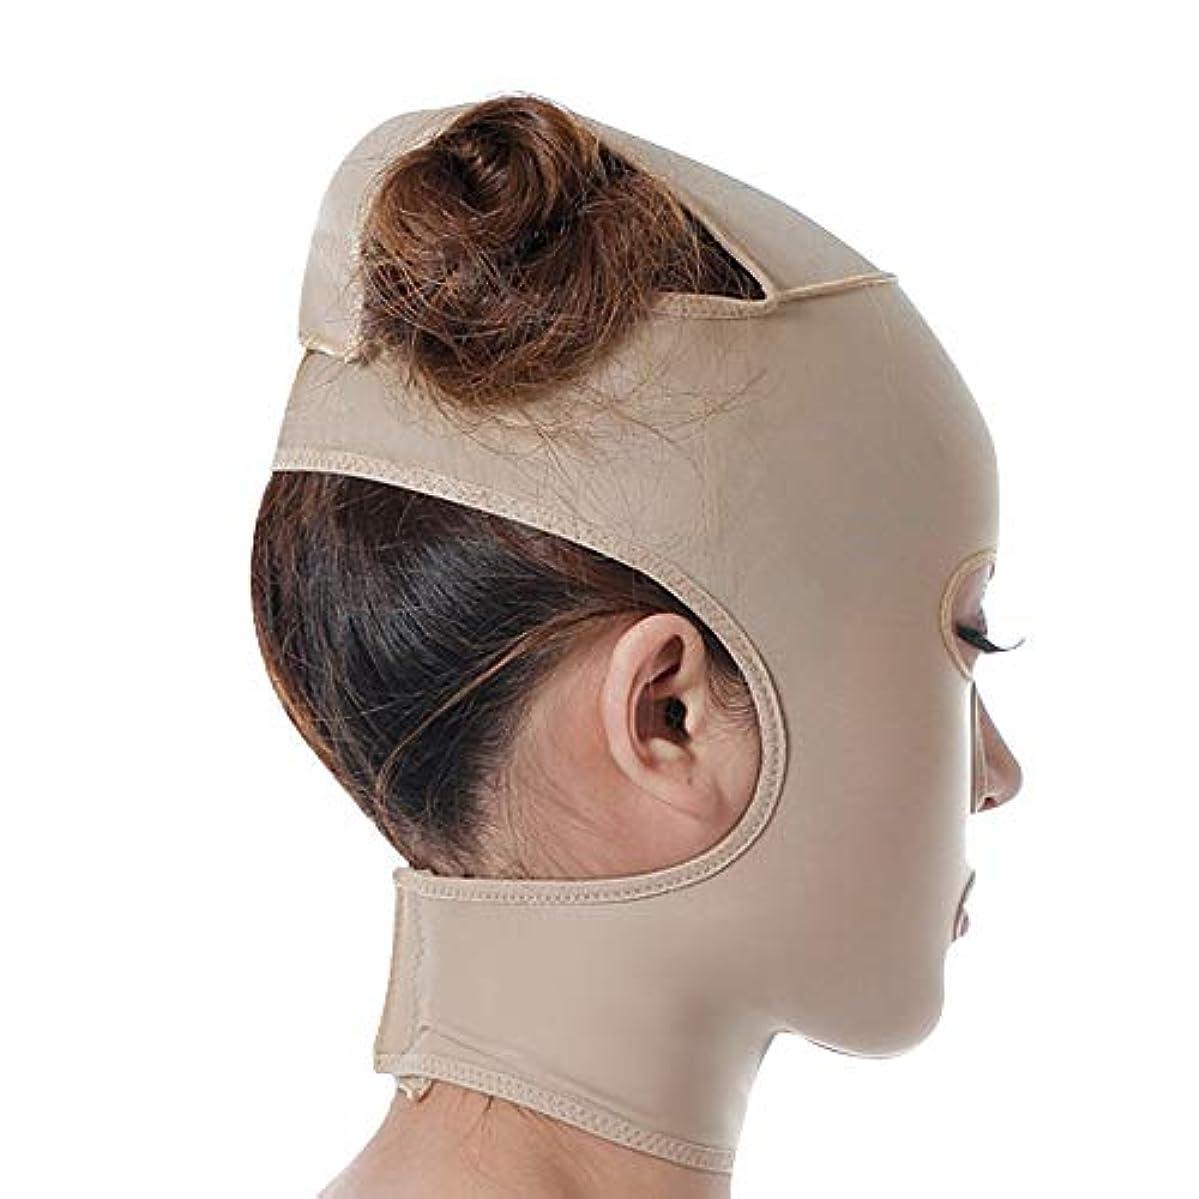 費やす売る閃光TLMY 引き締めマスクマスク美容薬マスク美容V顔包帯ライン彫刻リフティング引き締め二重あごマスク 顔用整形マスク (Size : M)